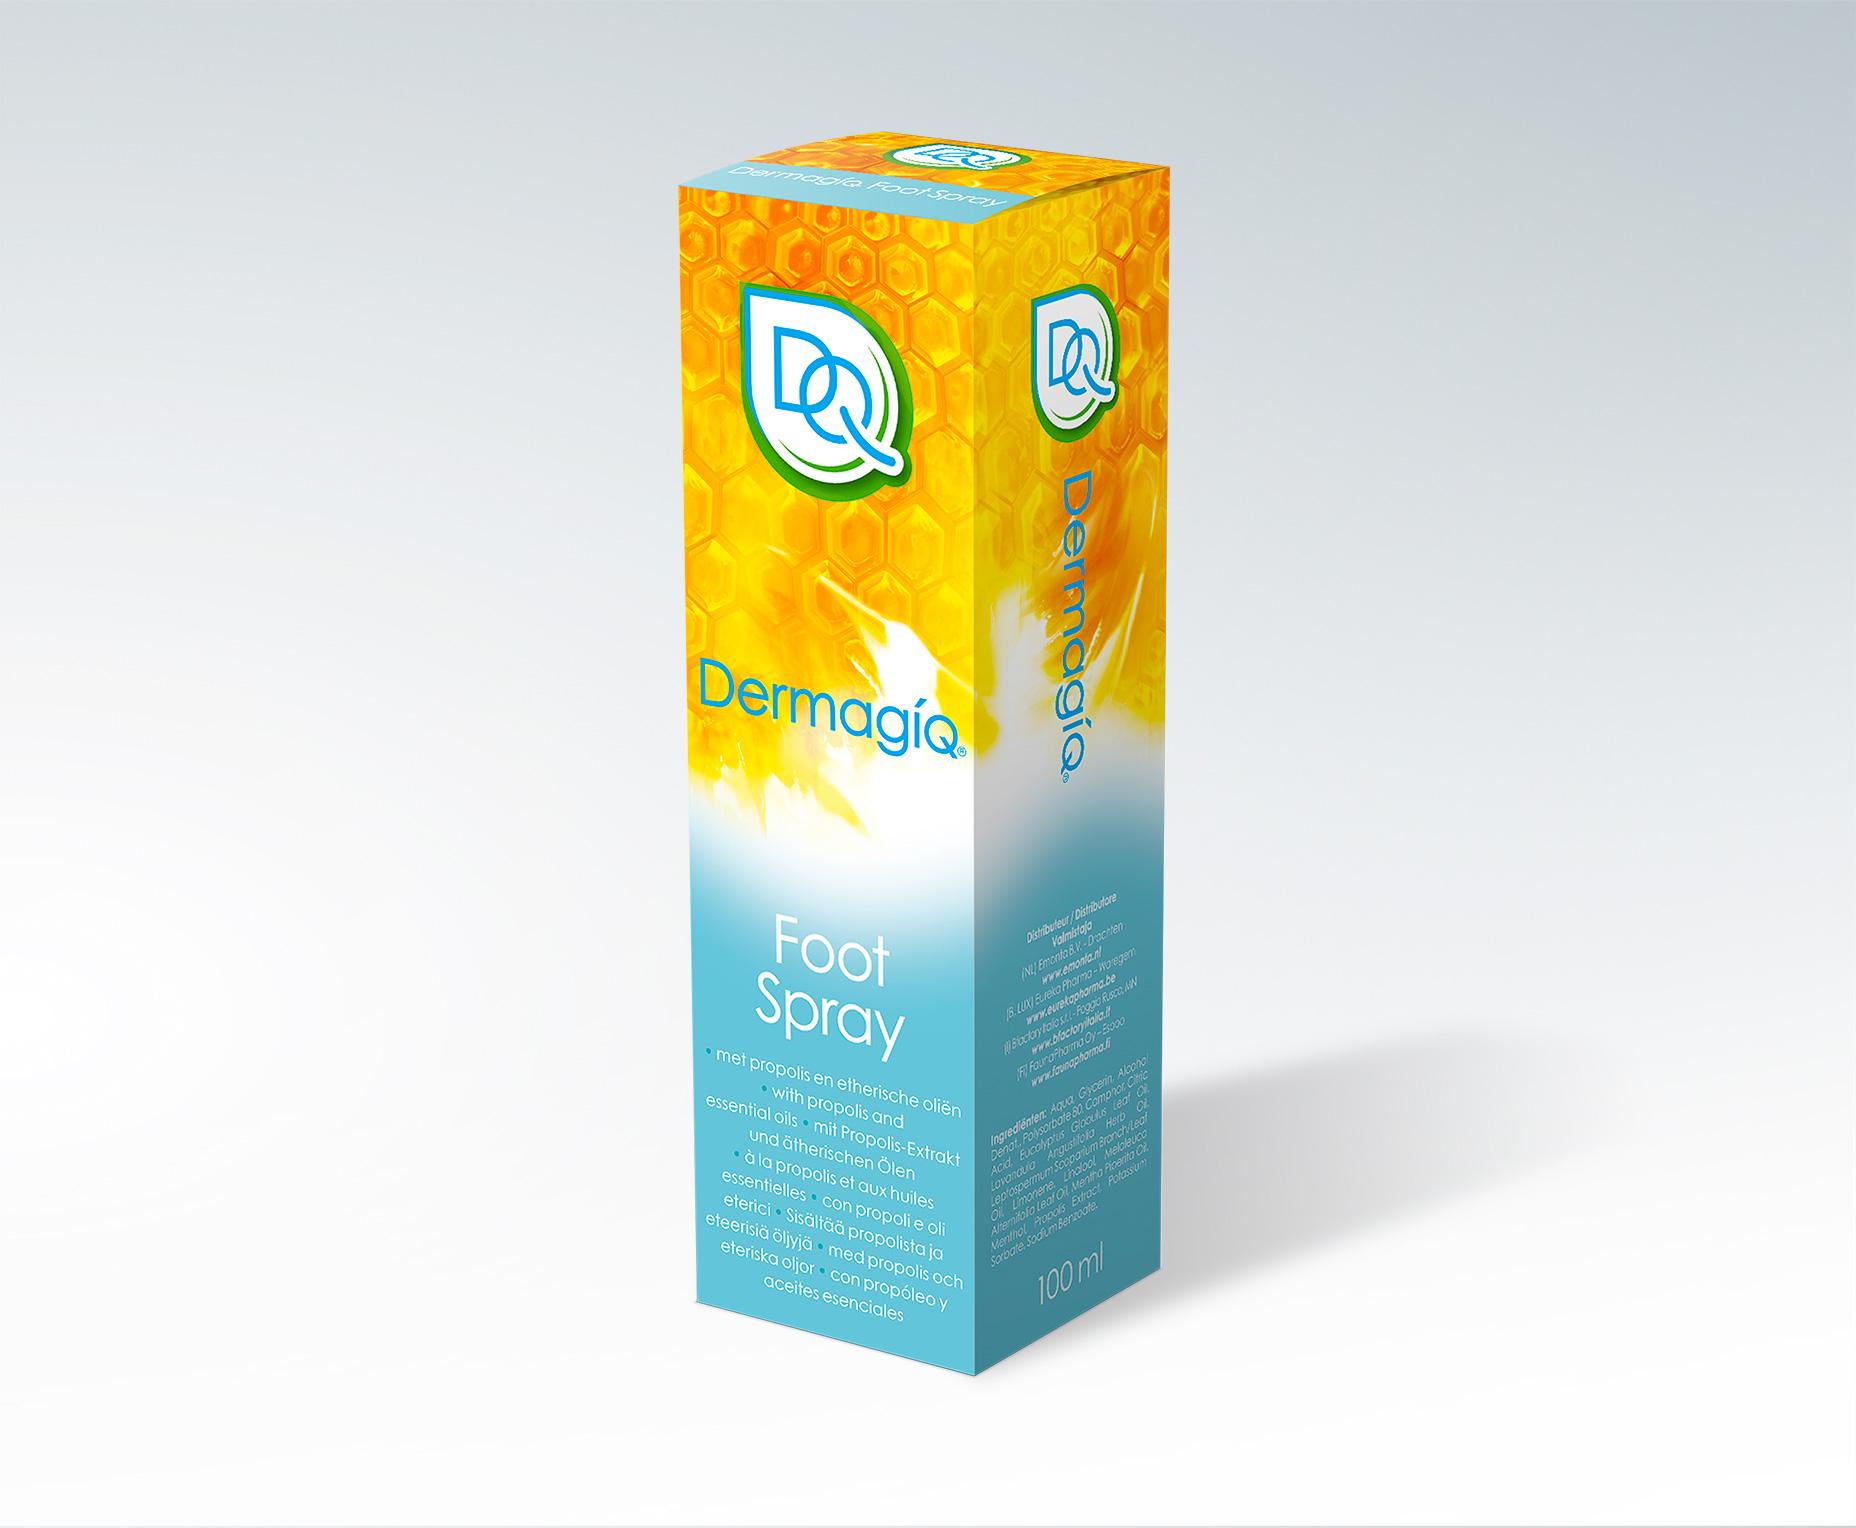 Dermagiq Foot Spray